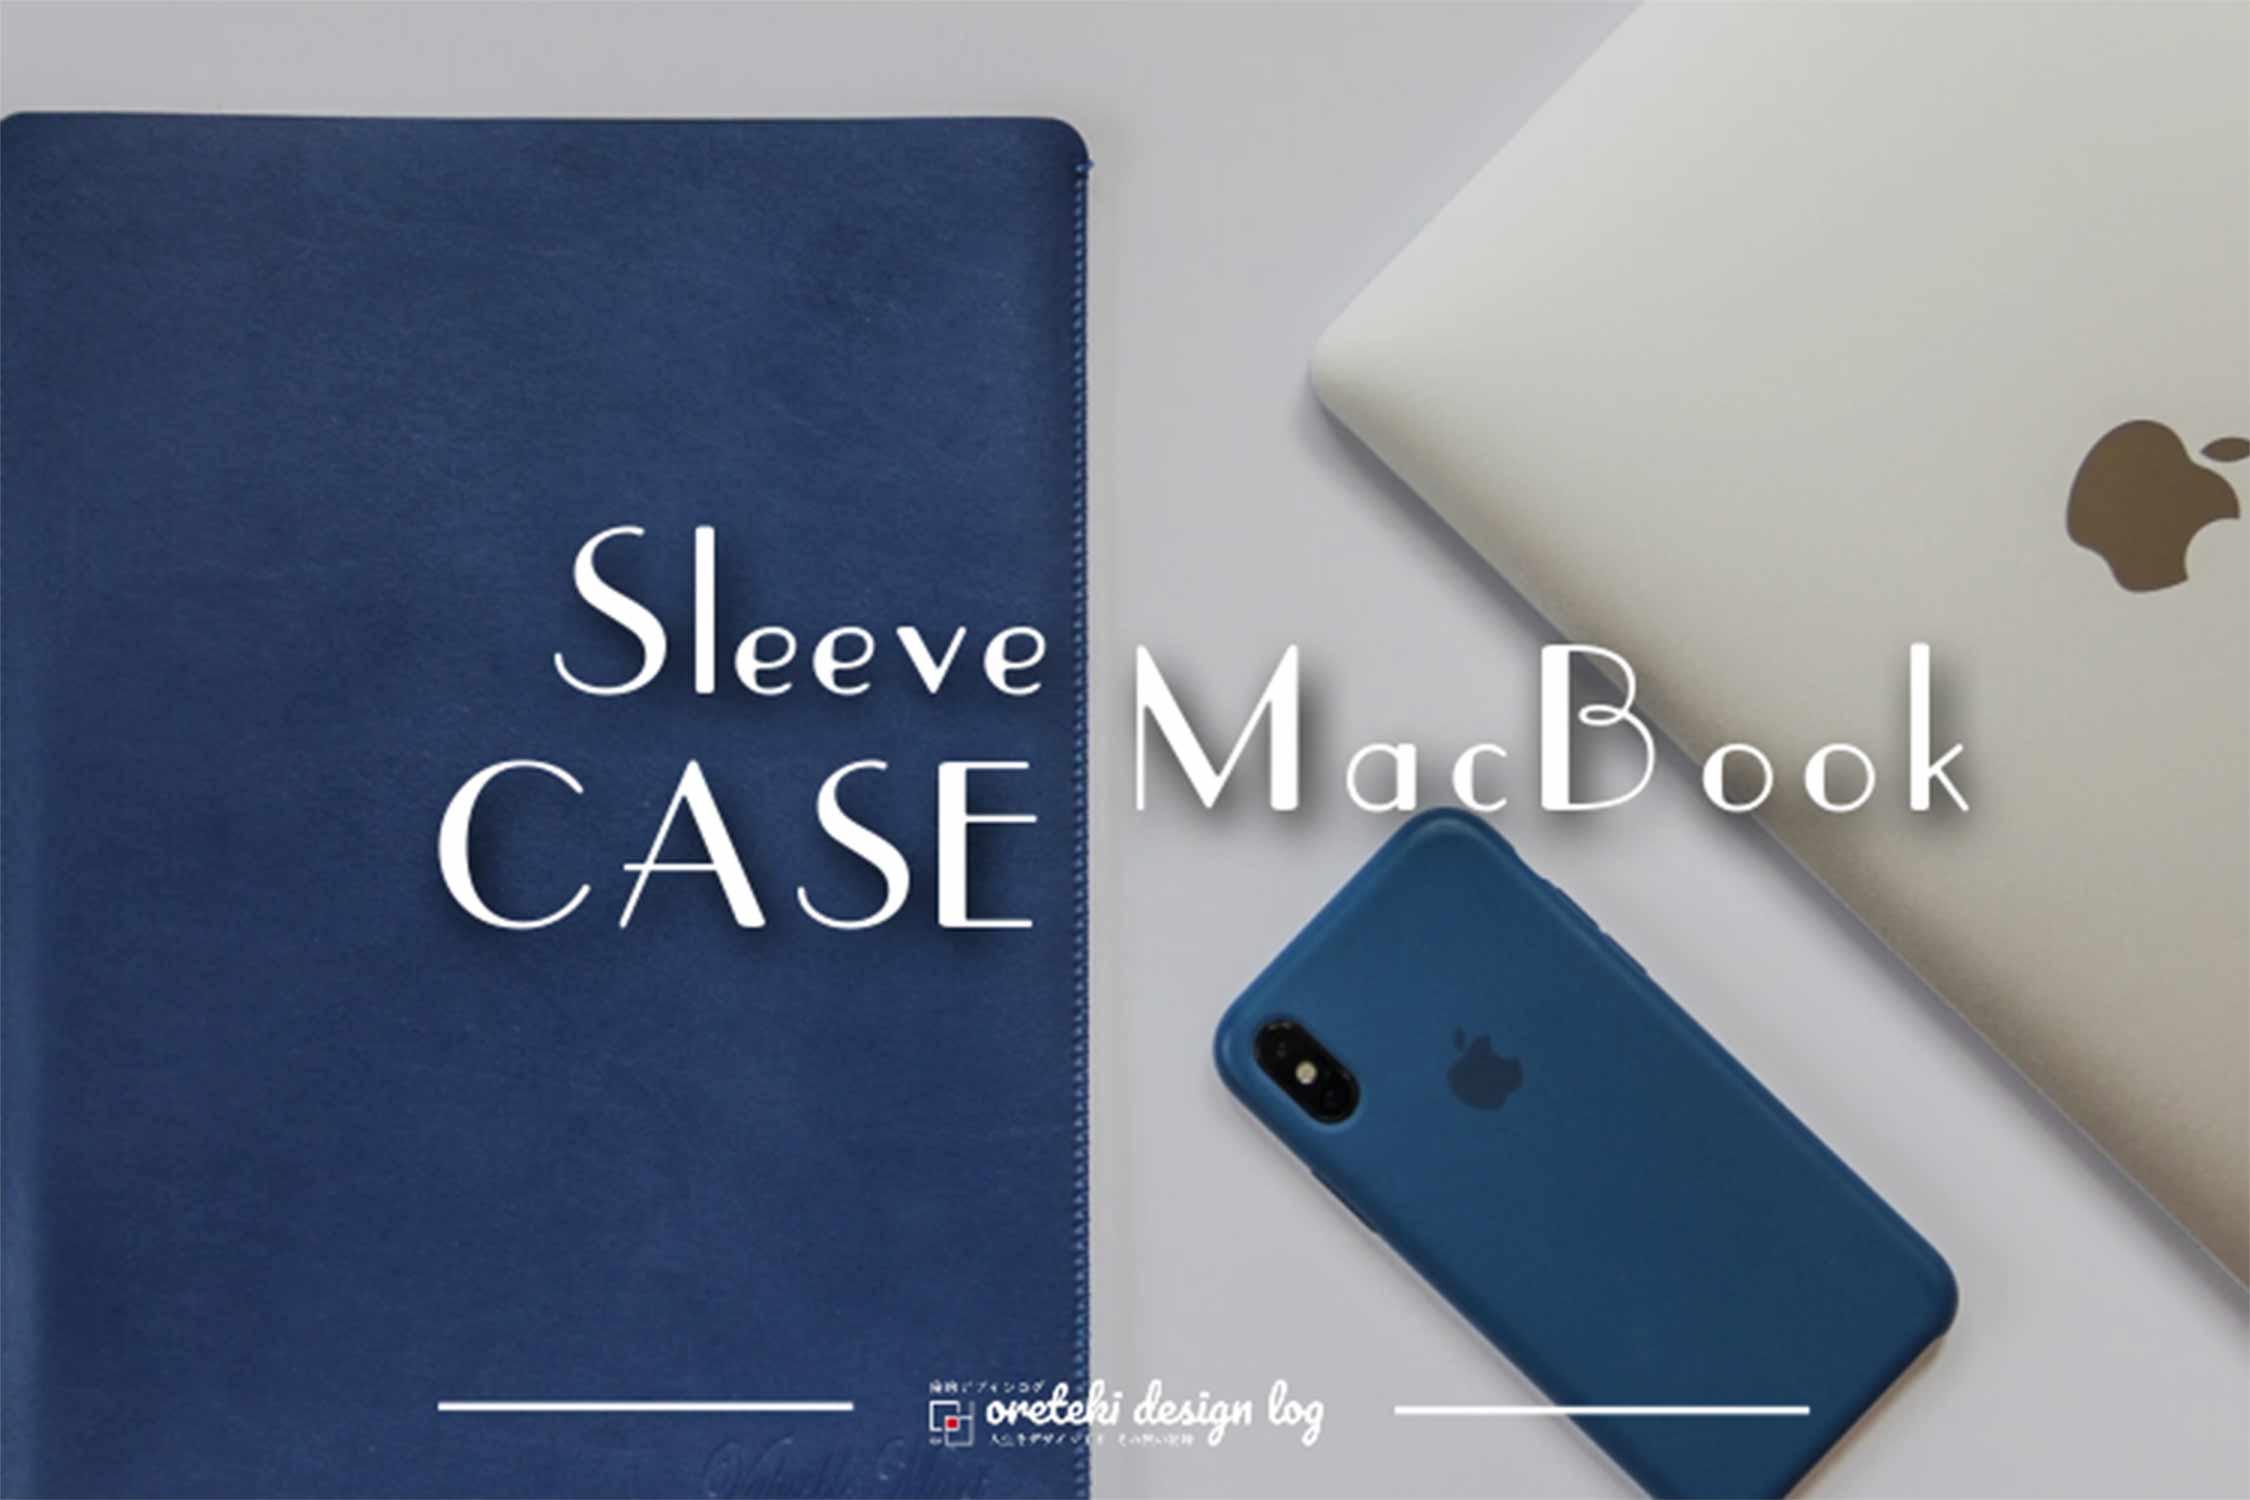 MacBookのスリーブケース紹介記事のアイキャッチ